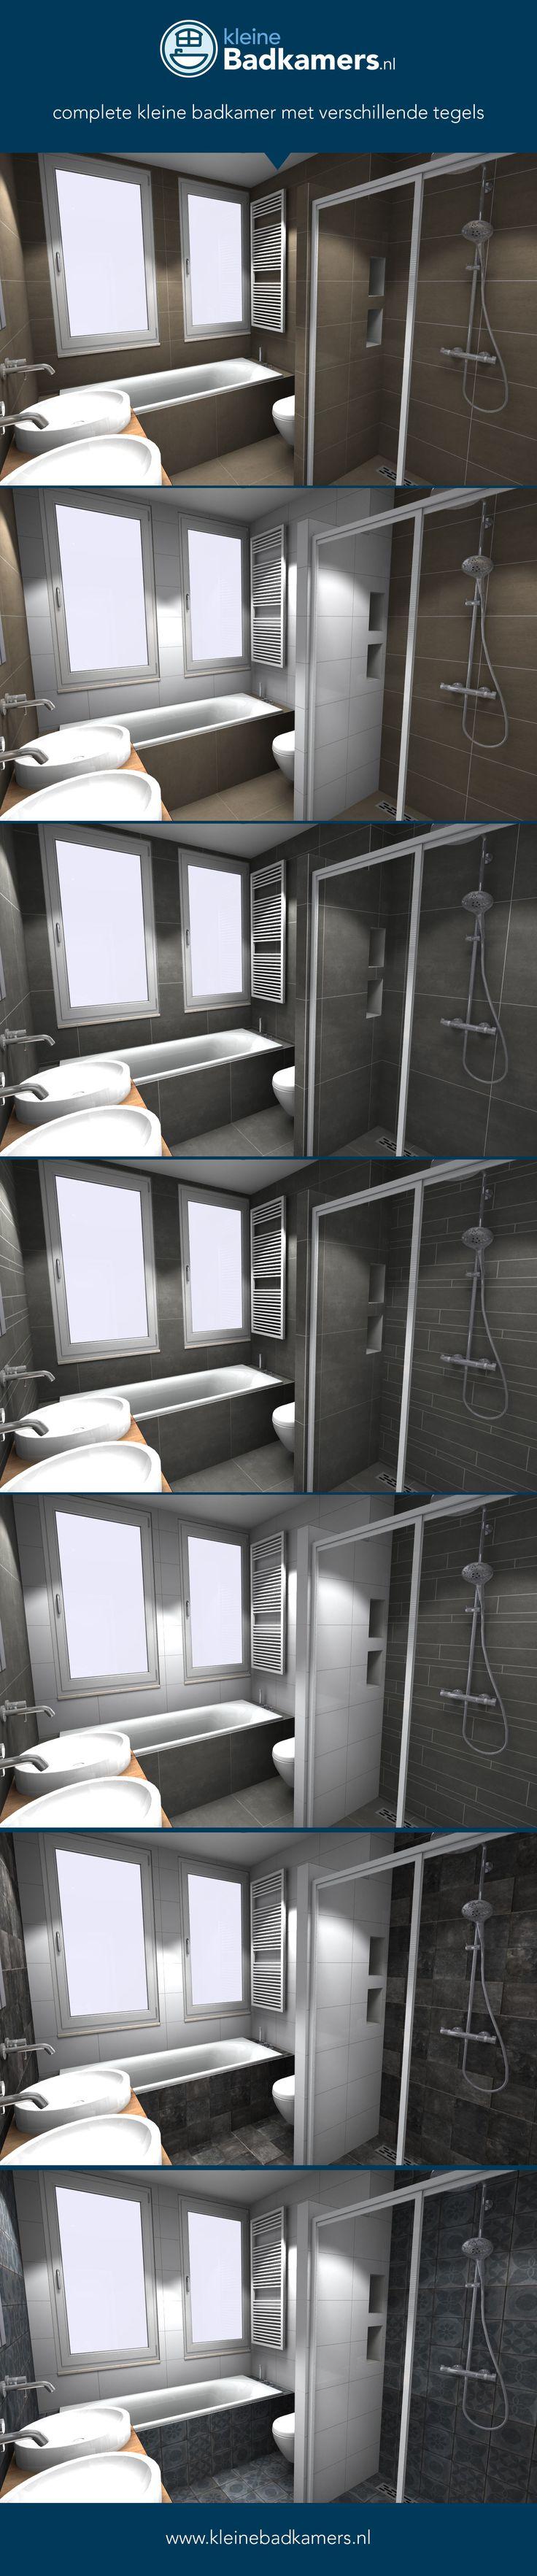 nl funvit badkamer inrichten kleur